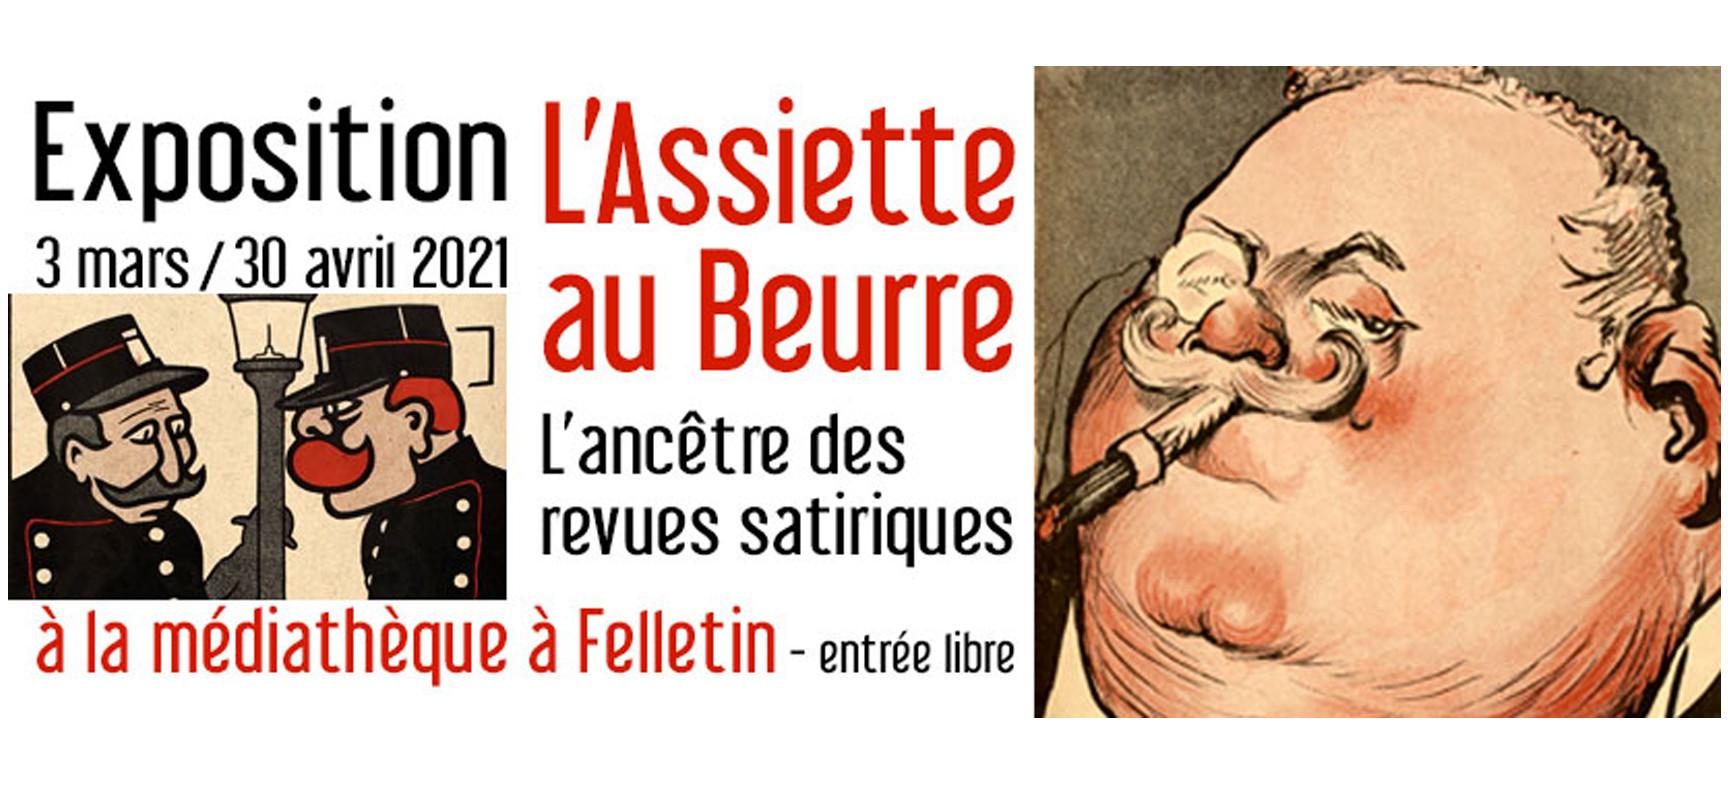 [Exposition] «L'Assiette au Beurre»  du 3 mars au 30 avril 2021à la médiathèque #Felletin